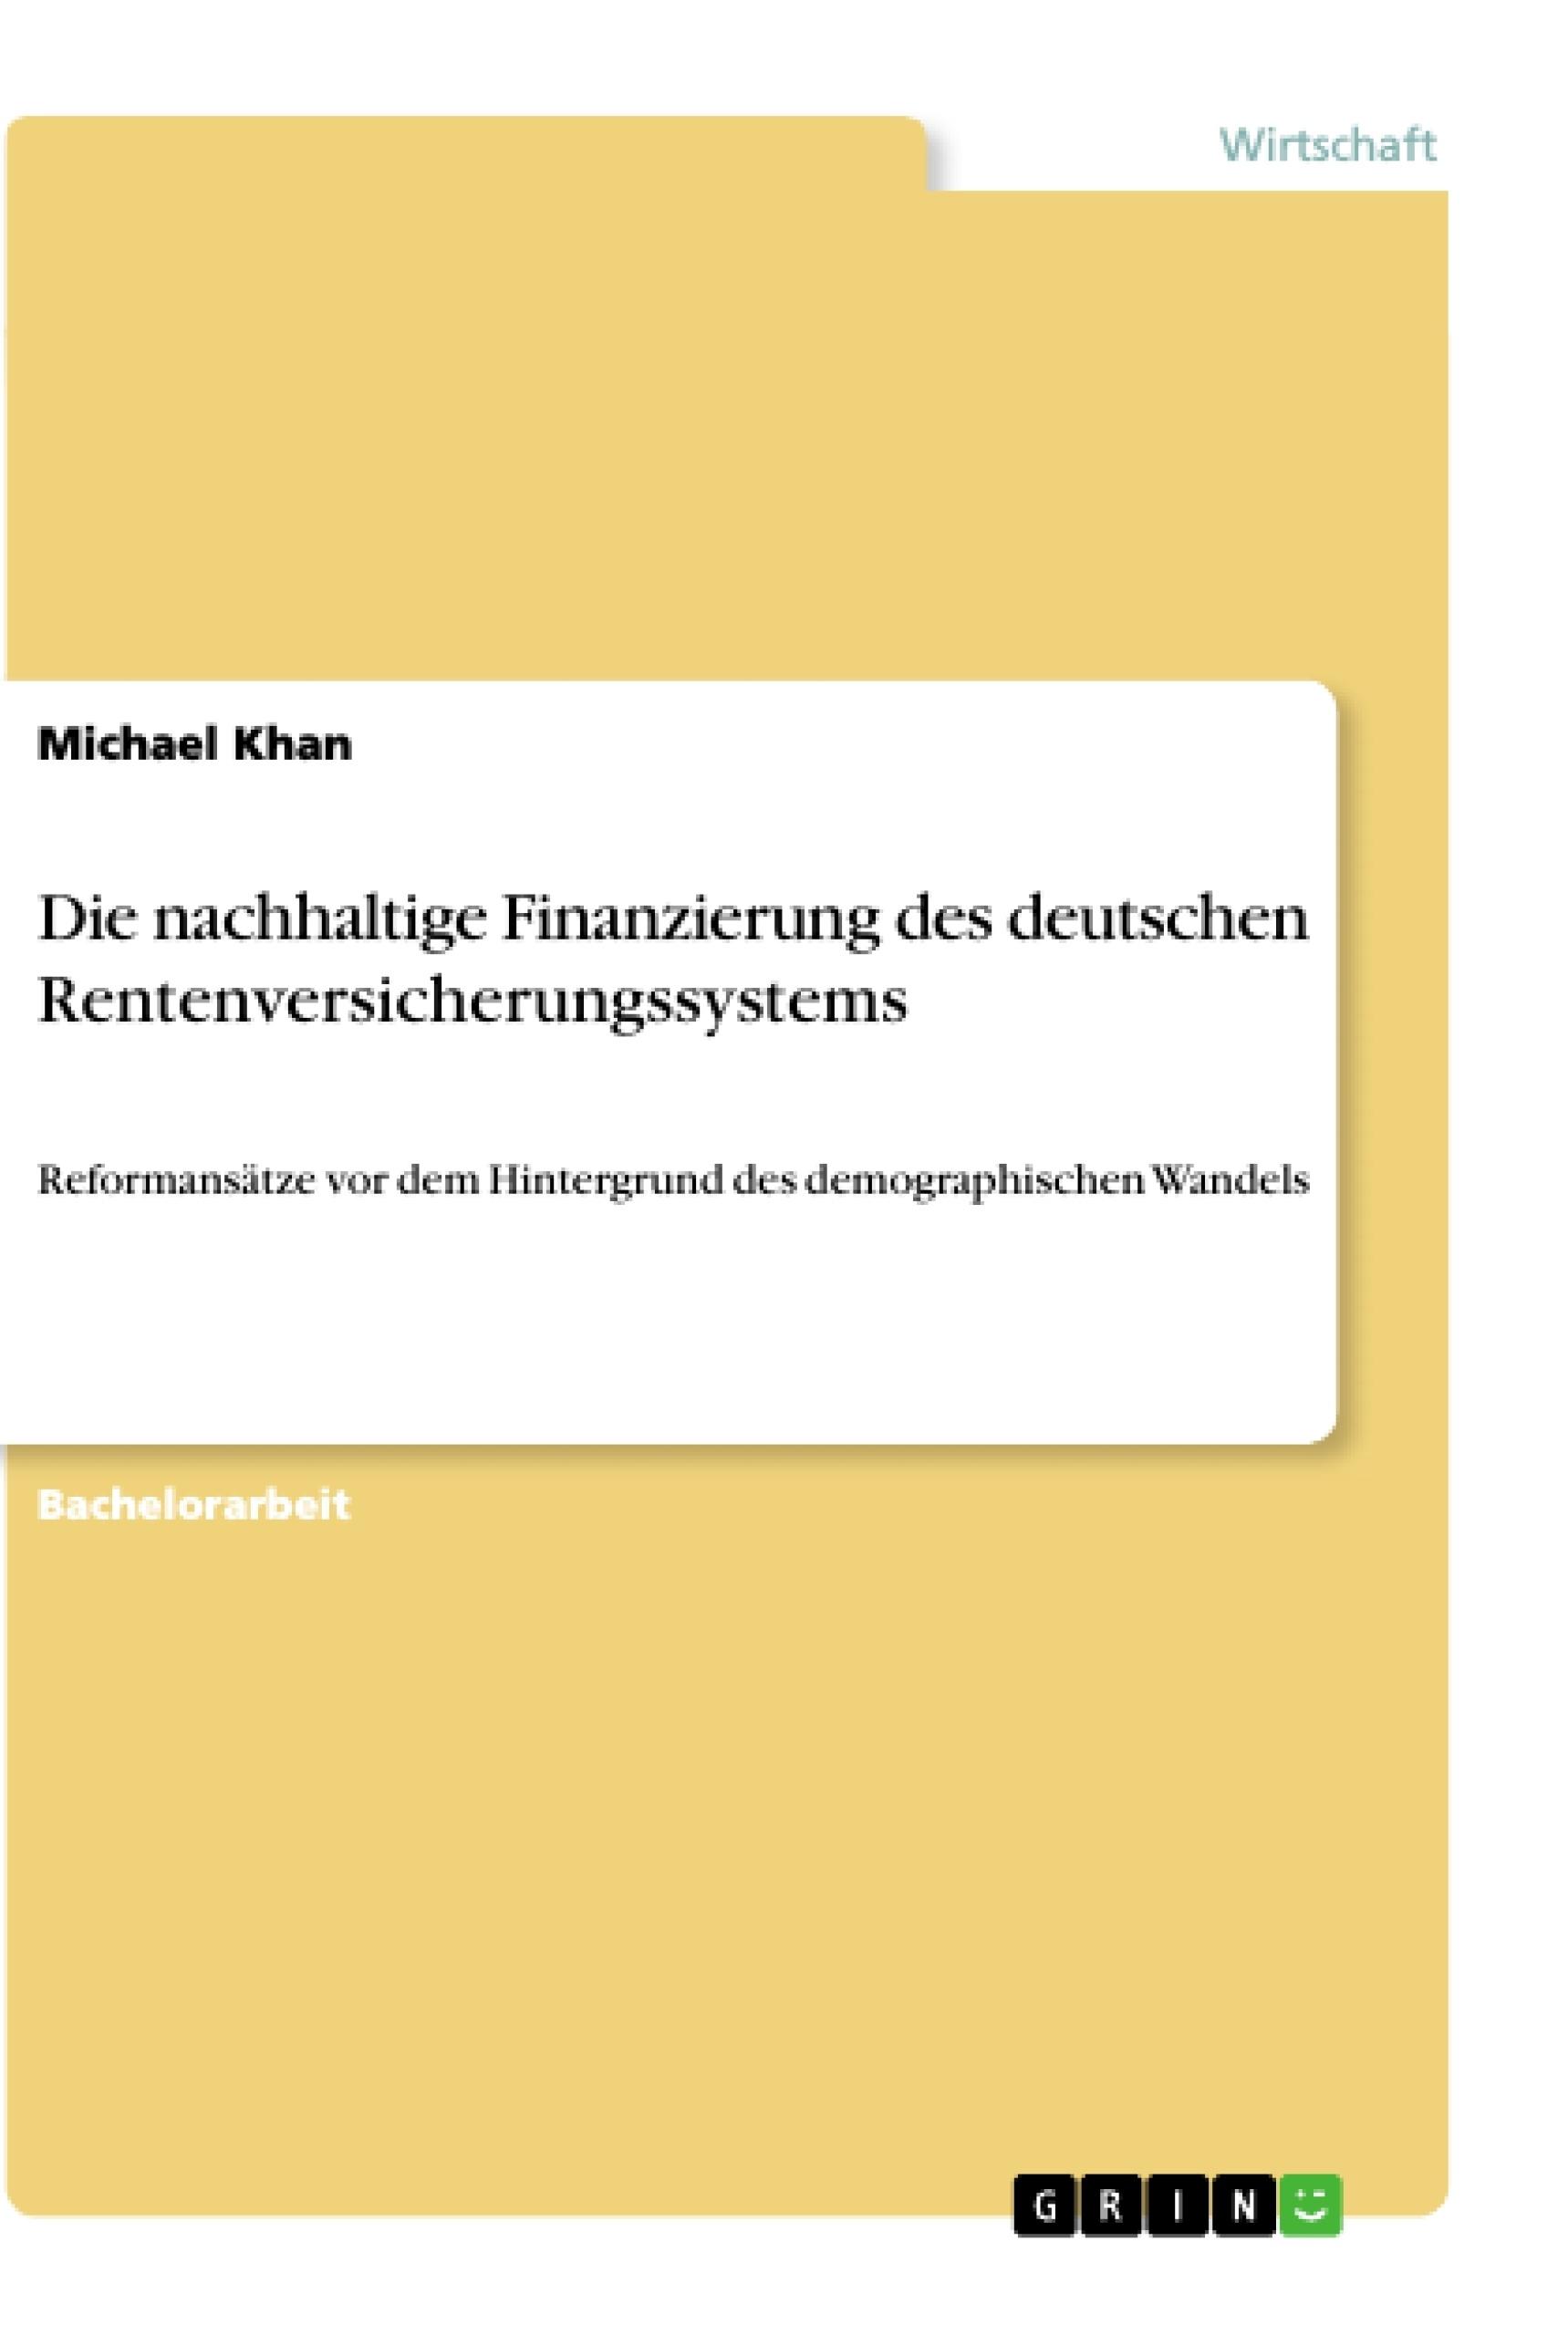 Titel: Die nachhaltige Finanzierung des deutschen Rentenversicherungssystems